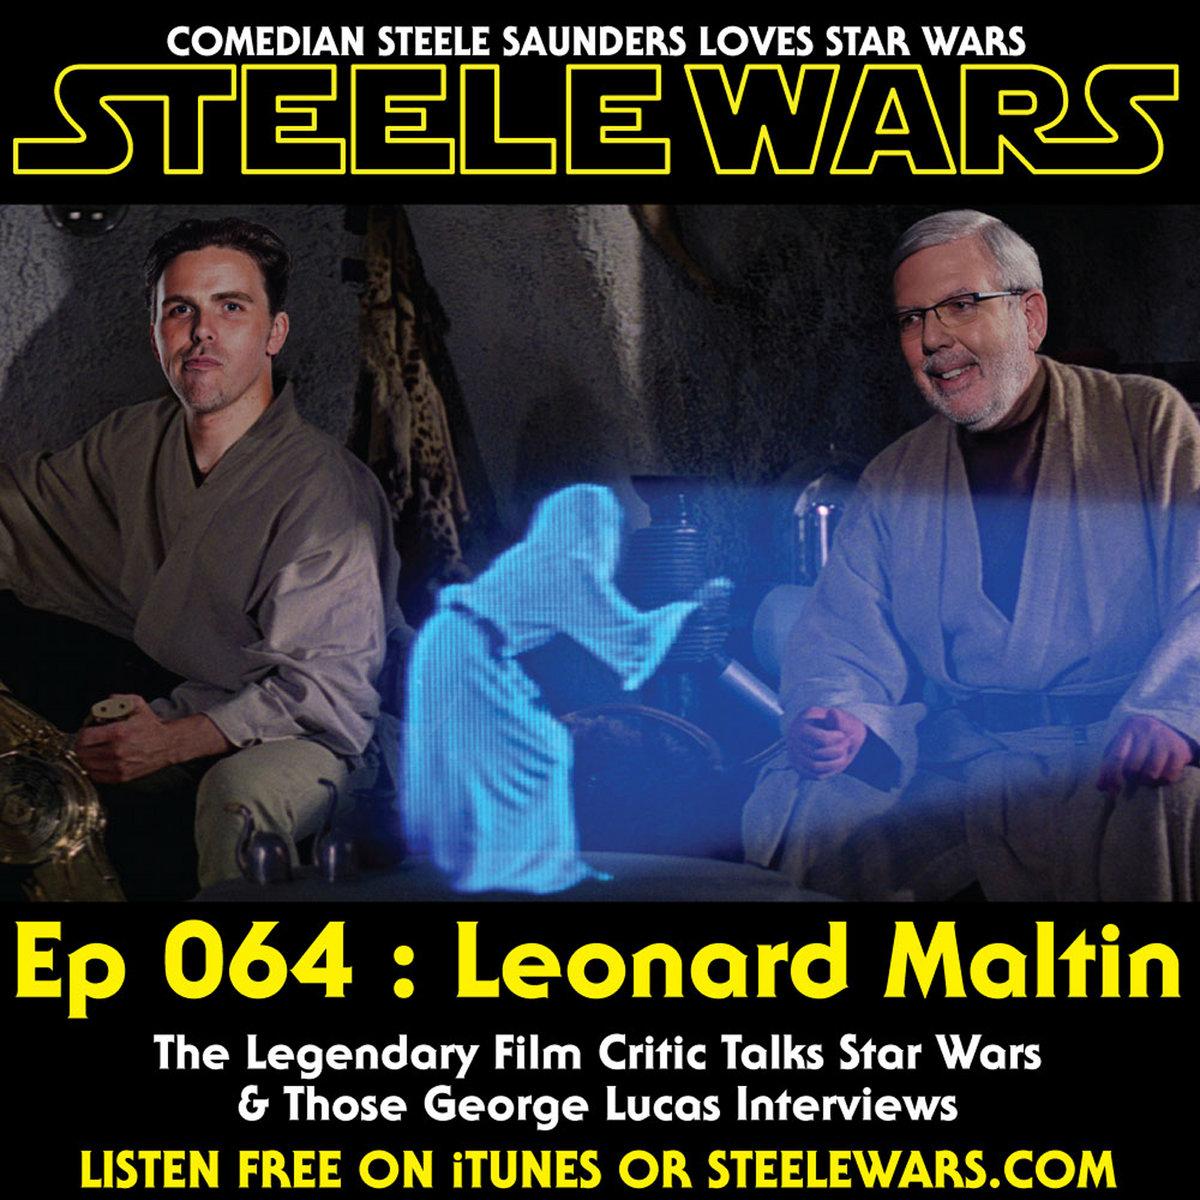 Ep 064 : Leonard Maltin – The Legendary Film Critic Talks Star Wars